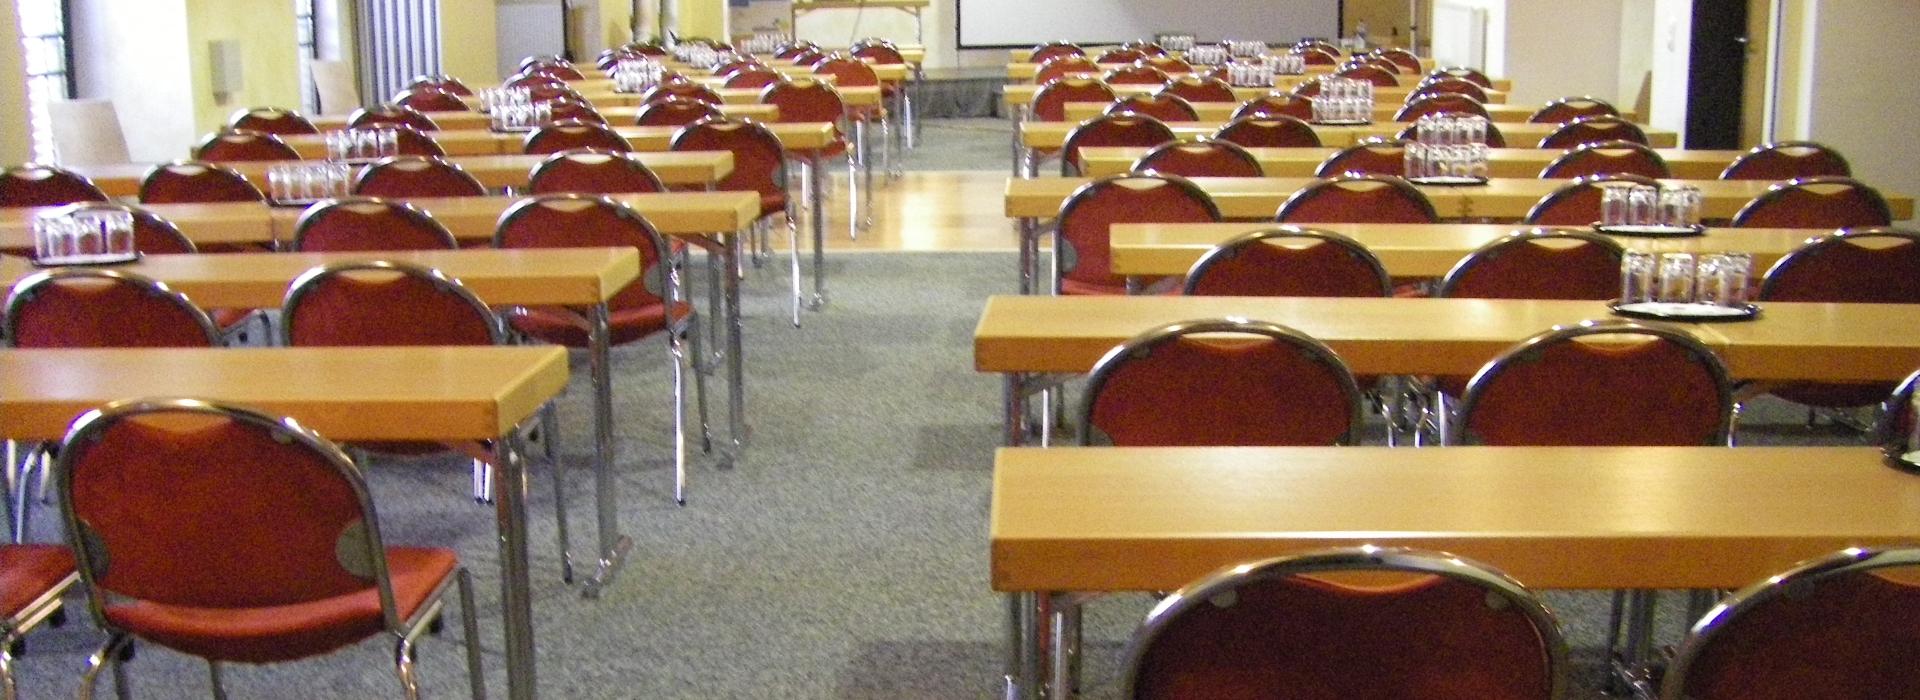 Seminare, Workshops und Firmenfeiern